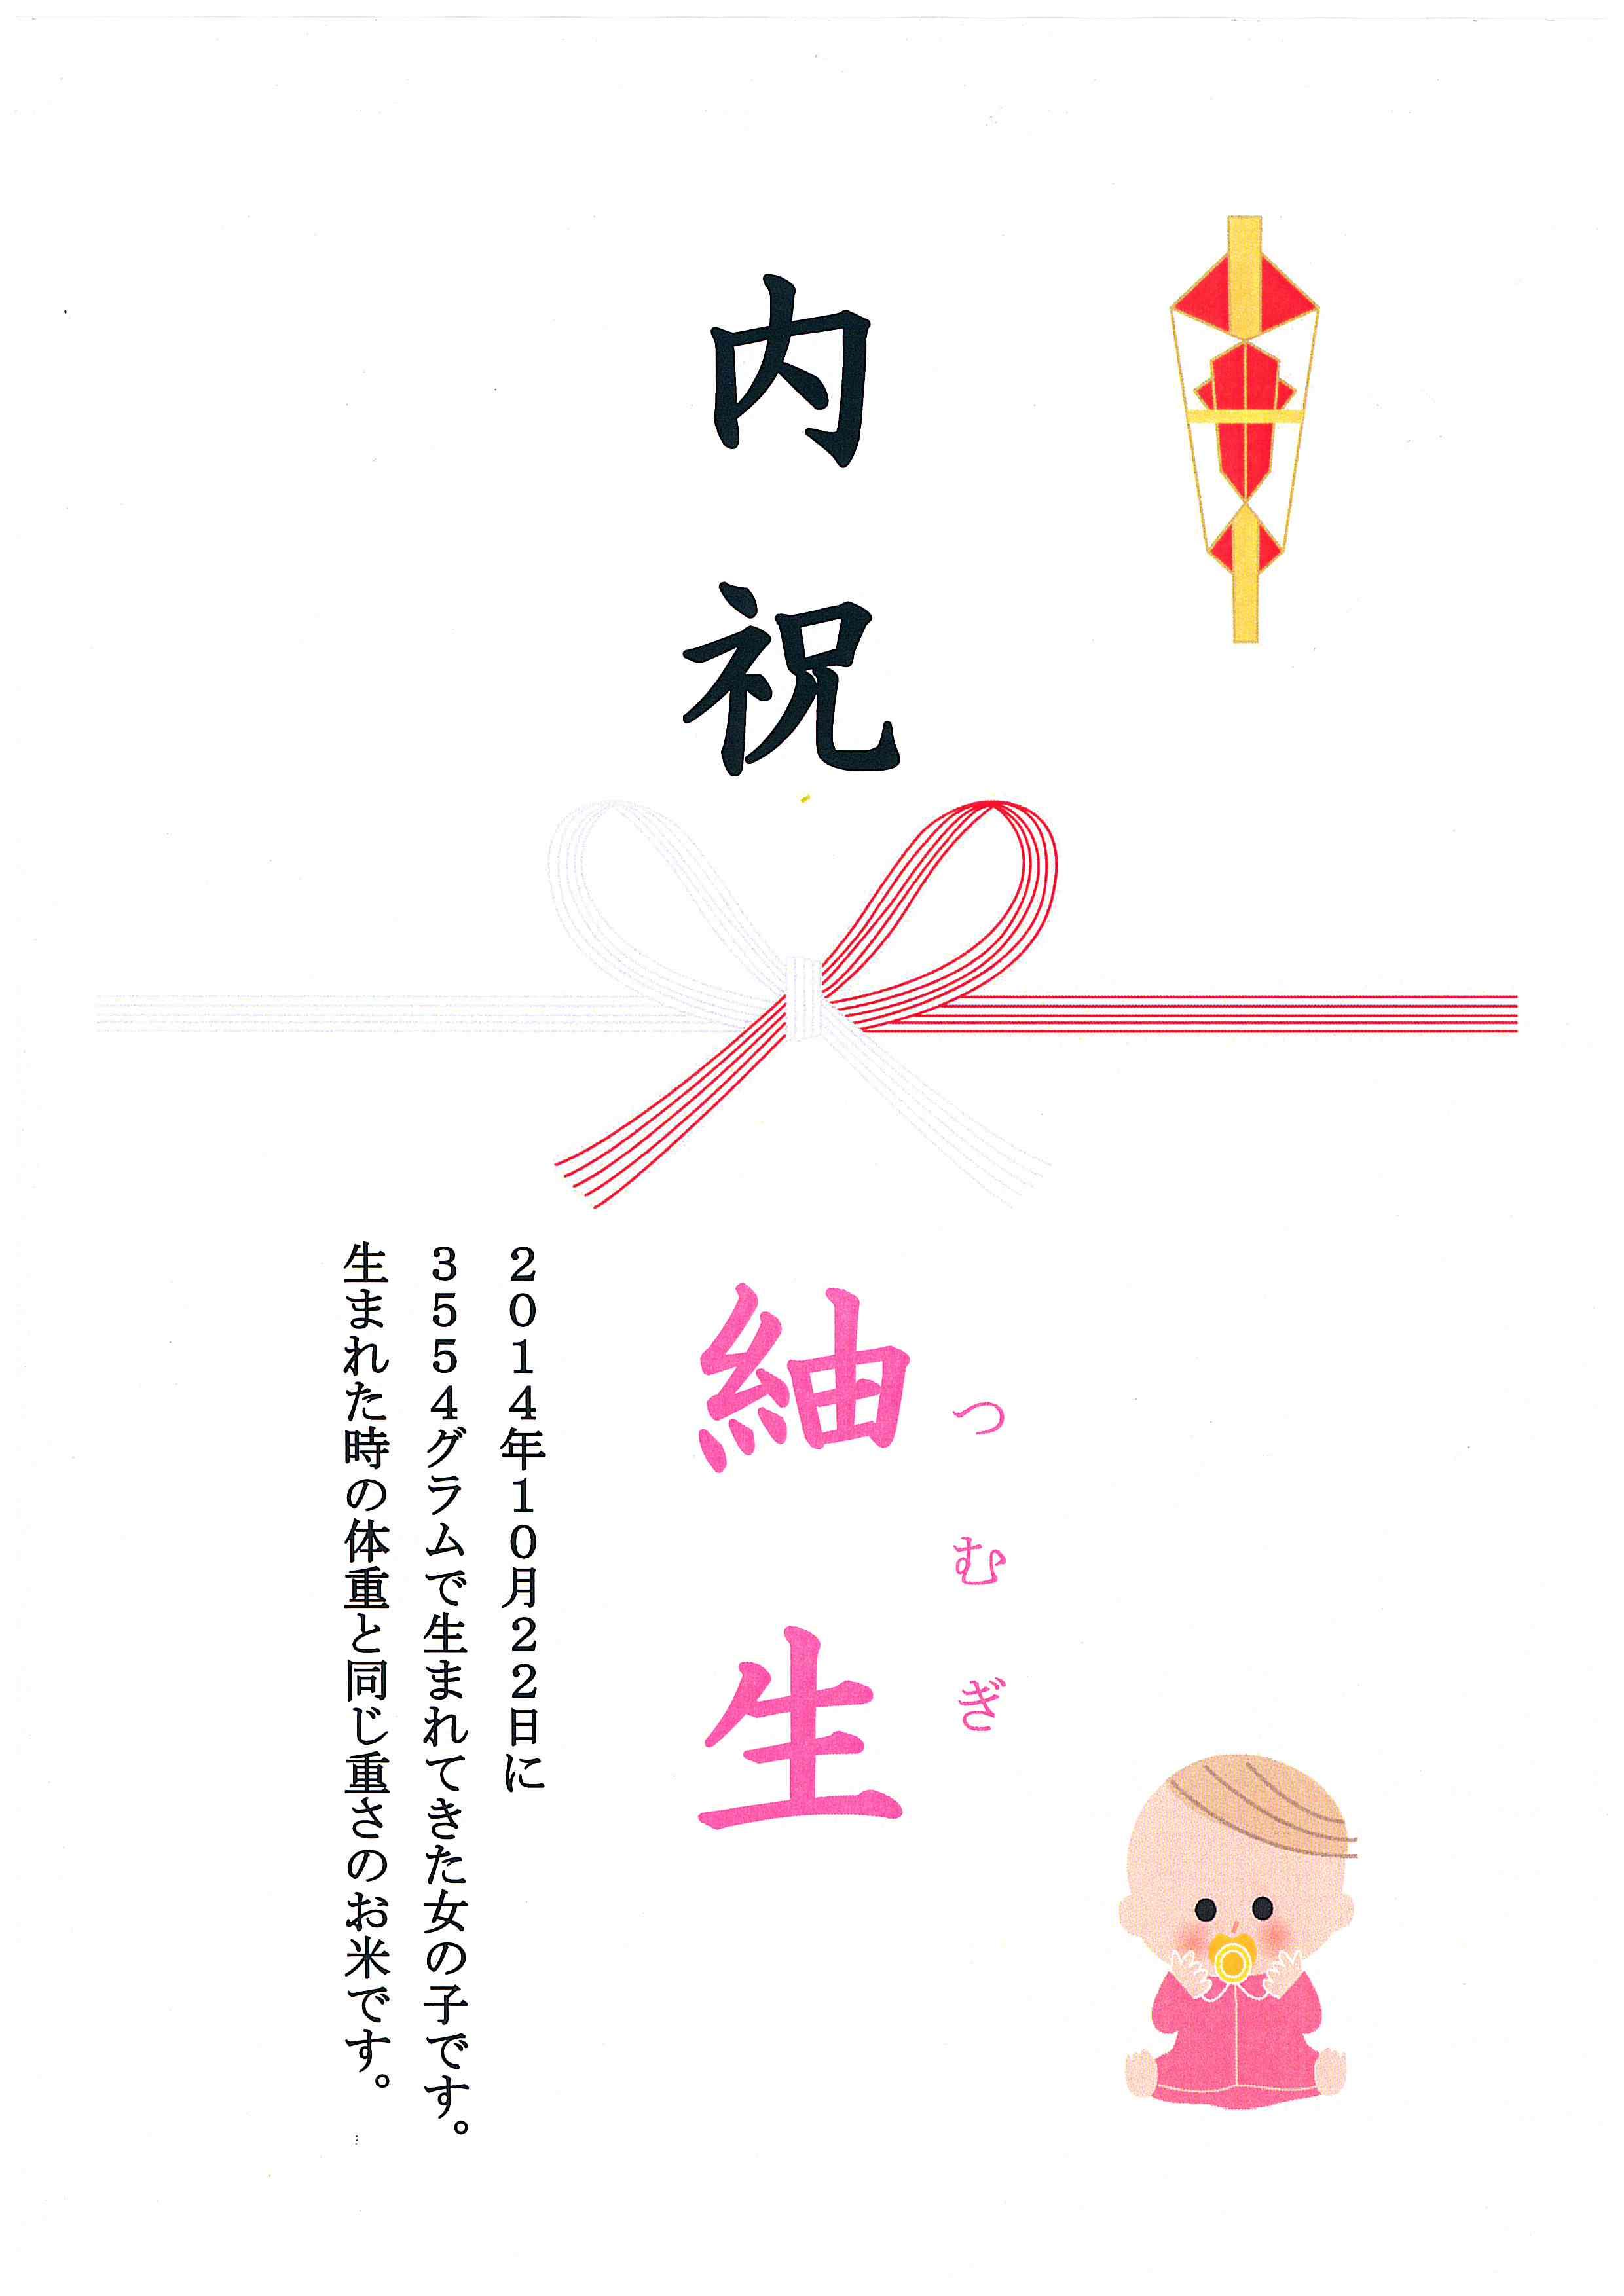 大羽紬生ちゃん 3554g 20141022 E-1